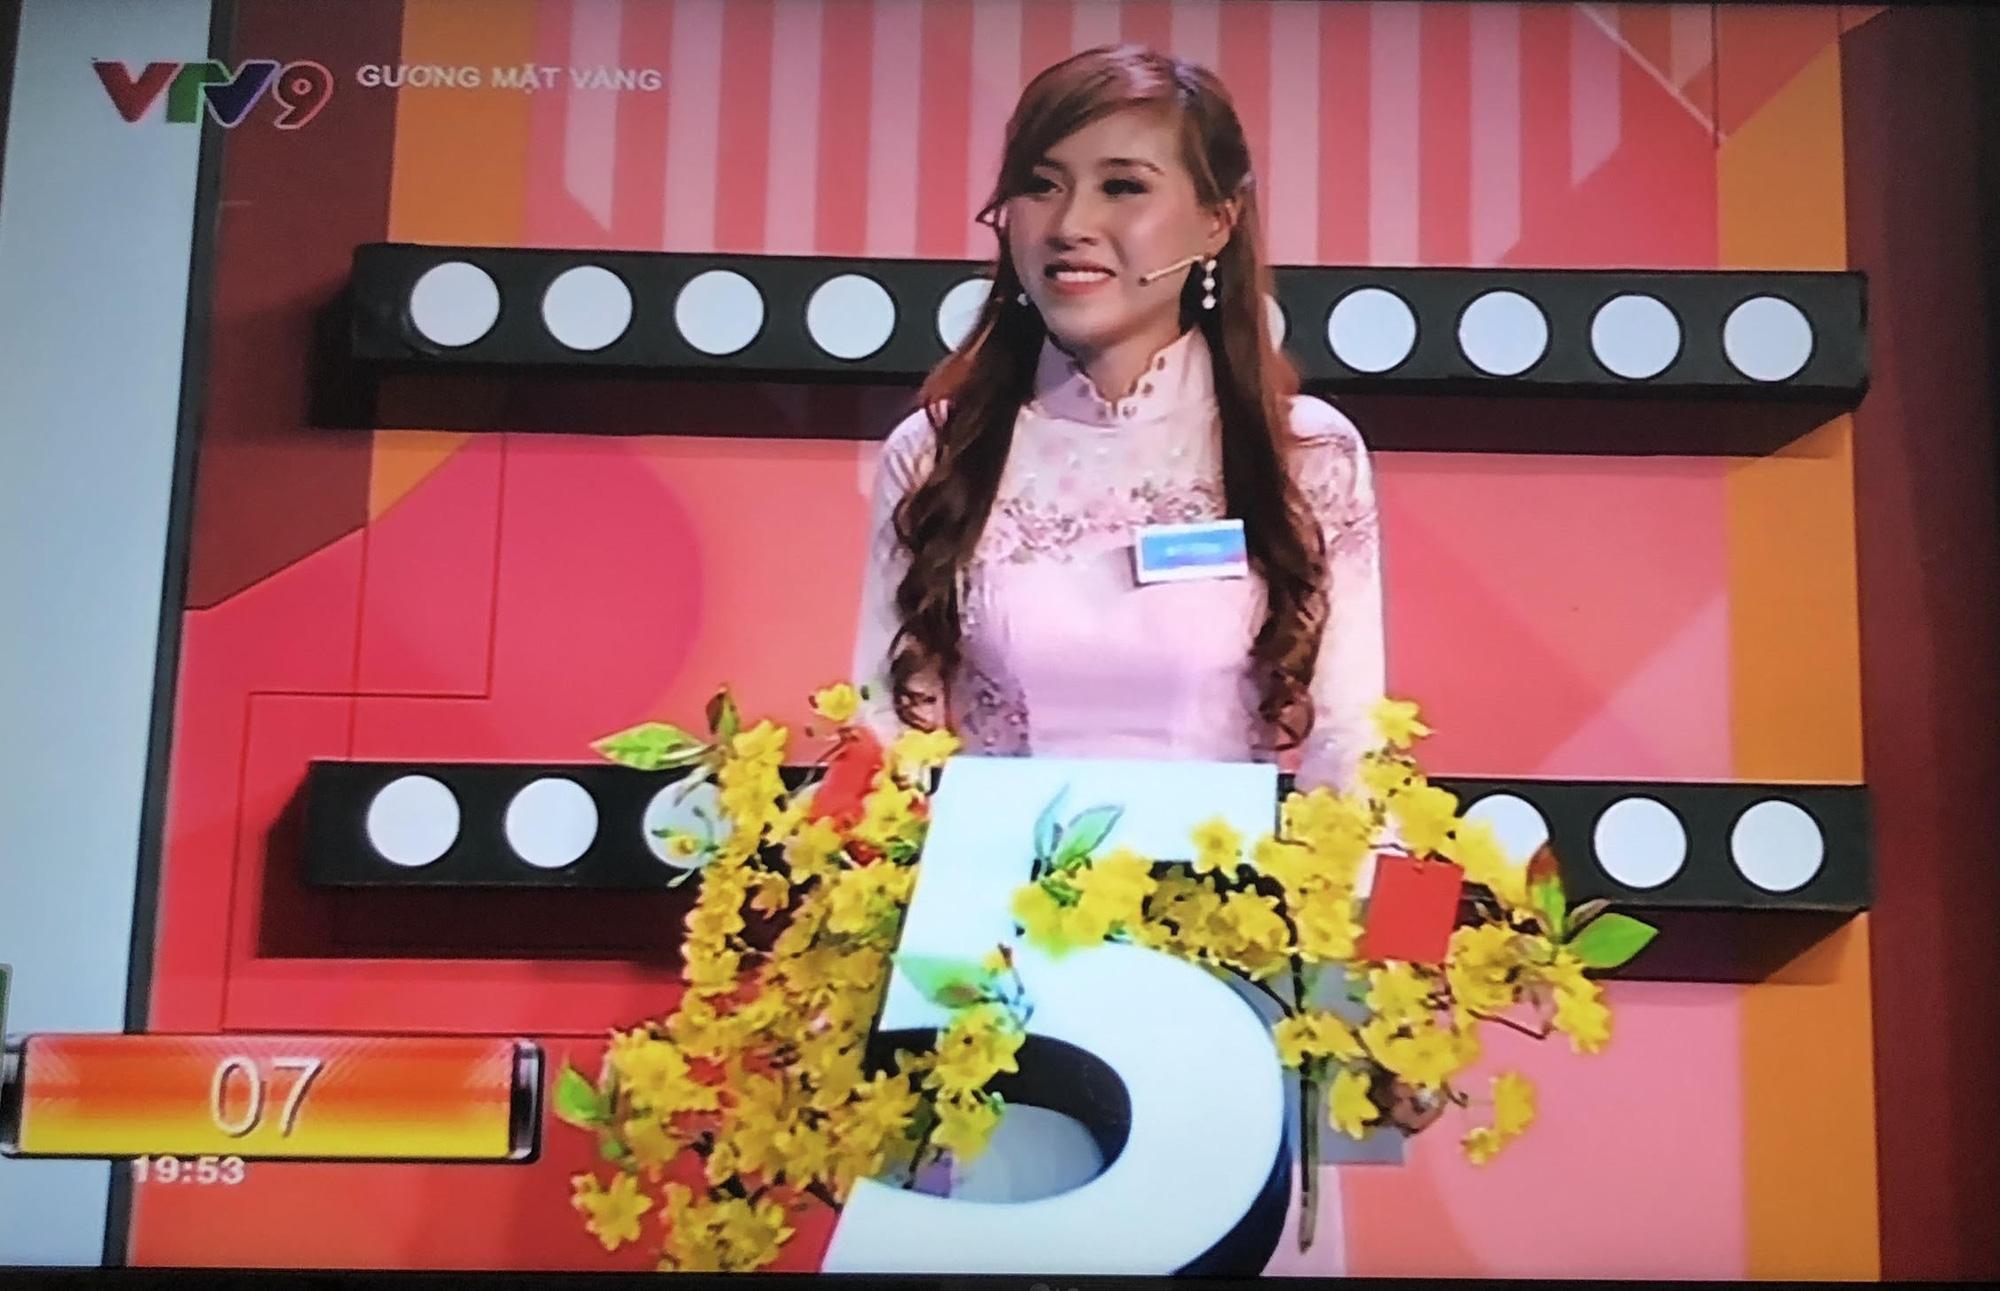 """Ca sĩ Mỹ Tiên chiến thắng đầy thuyết phục trong chương trình """"Gương mặt vàng"""" tập 7 - Ảnh 4."""